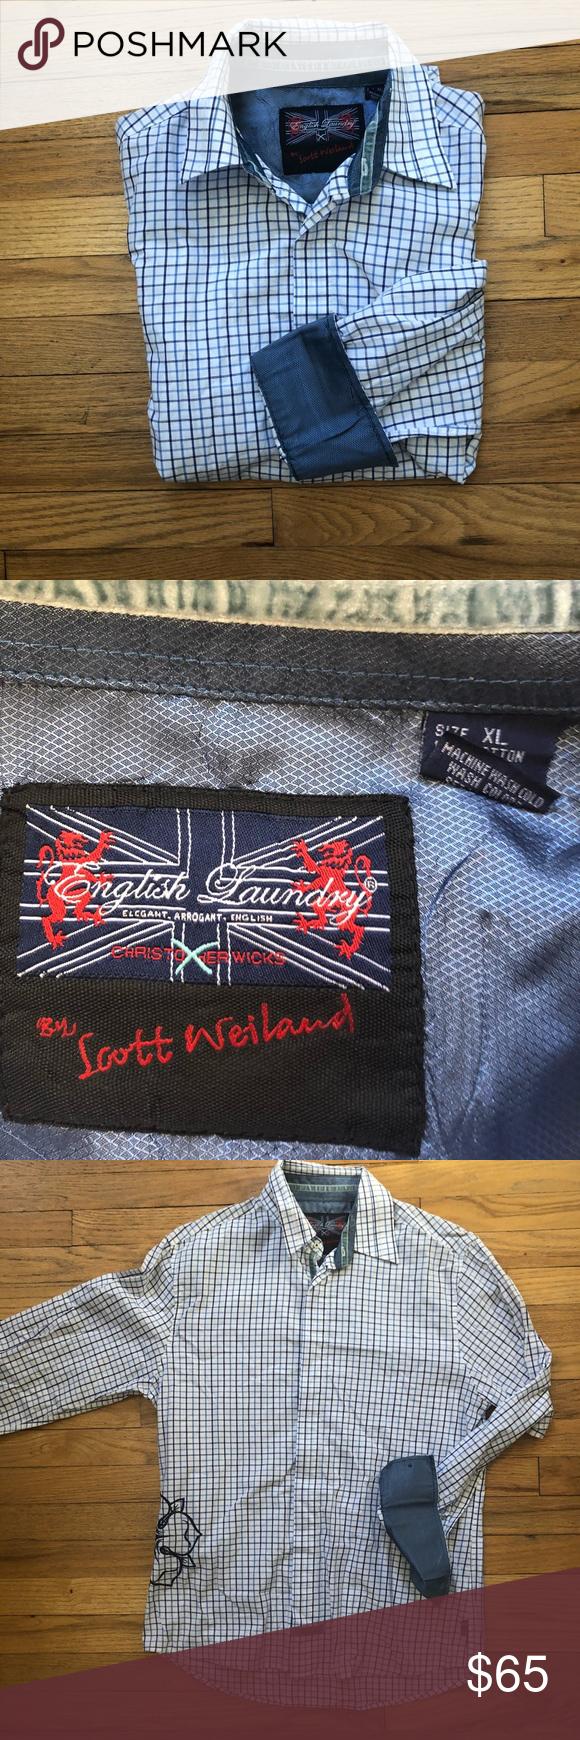 ⬇️65 English Laundry Scott Weiland Flip Cuff Xl Fashion